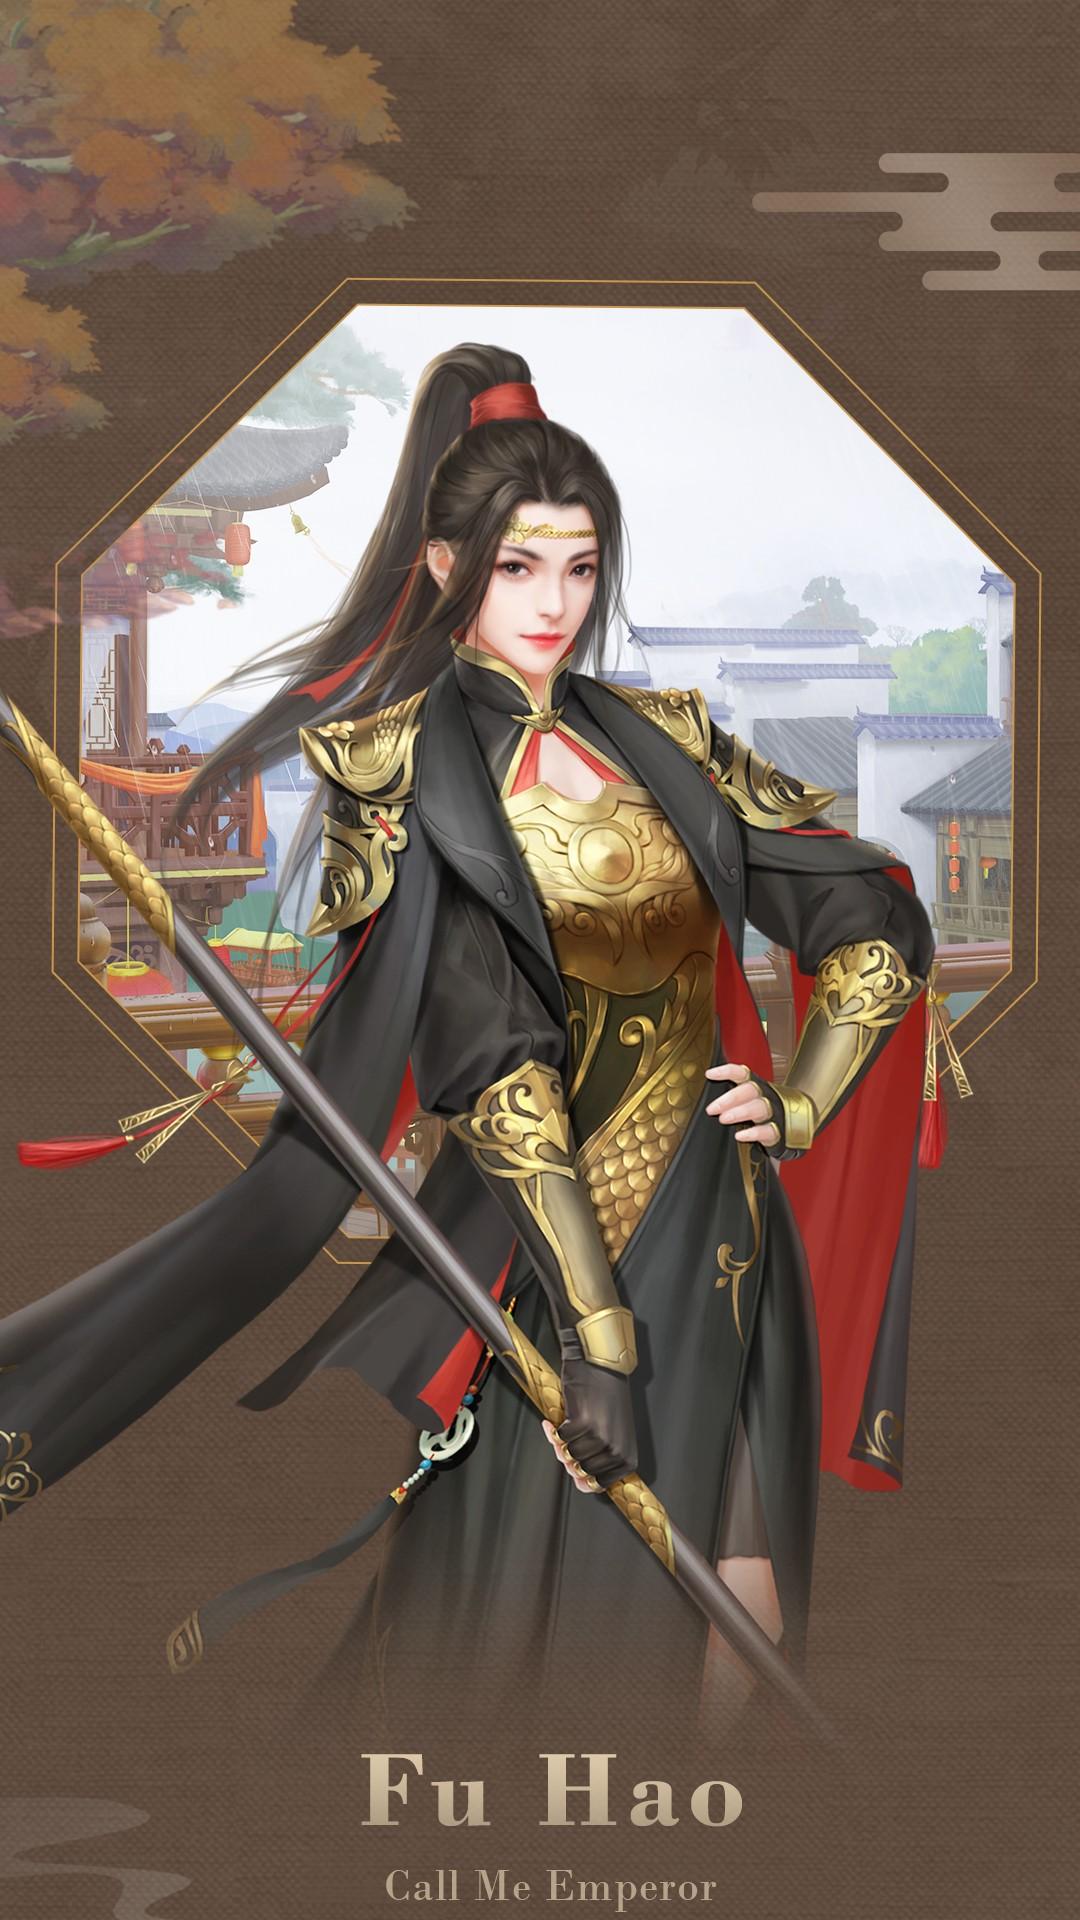 Queen Fu Hao